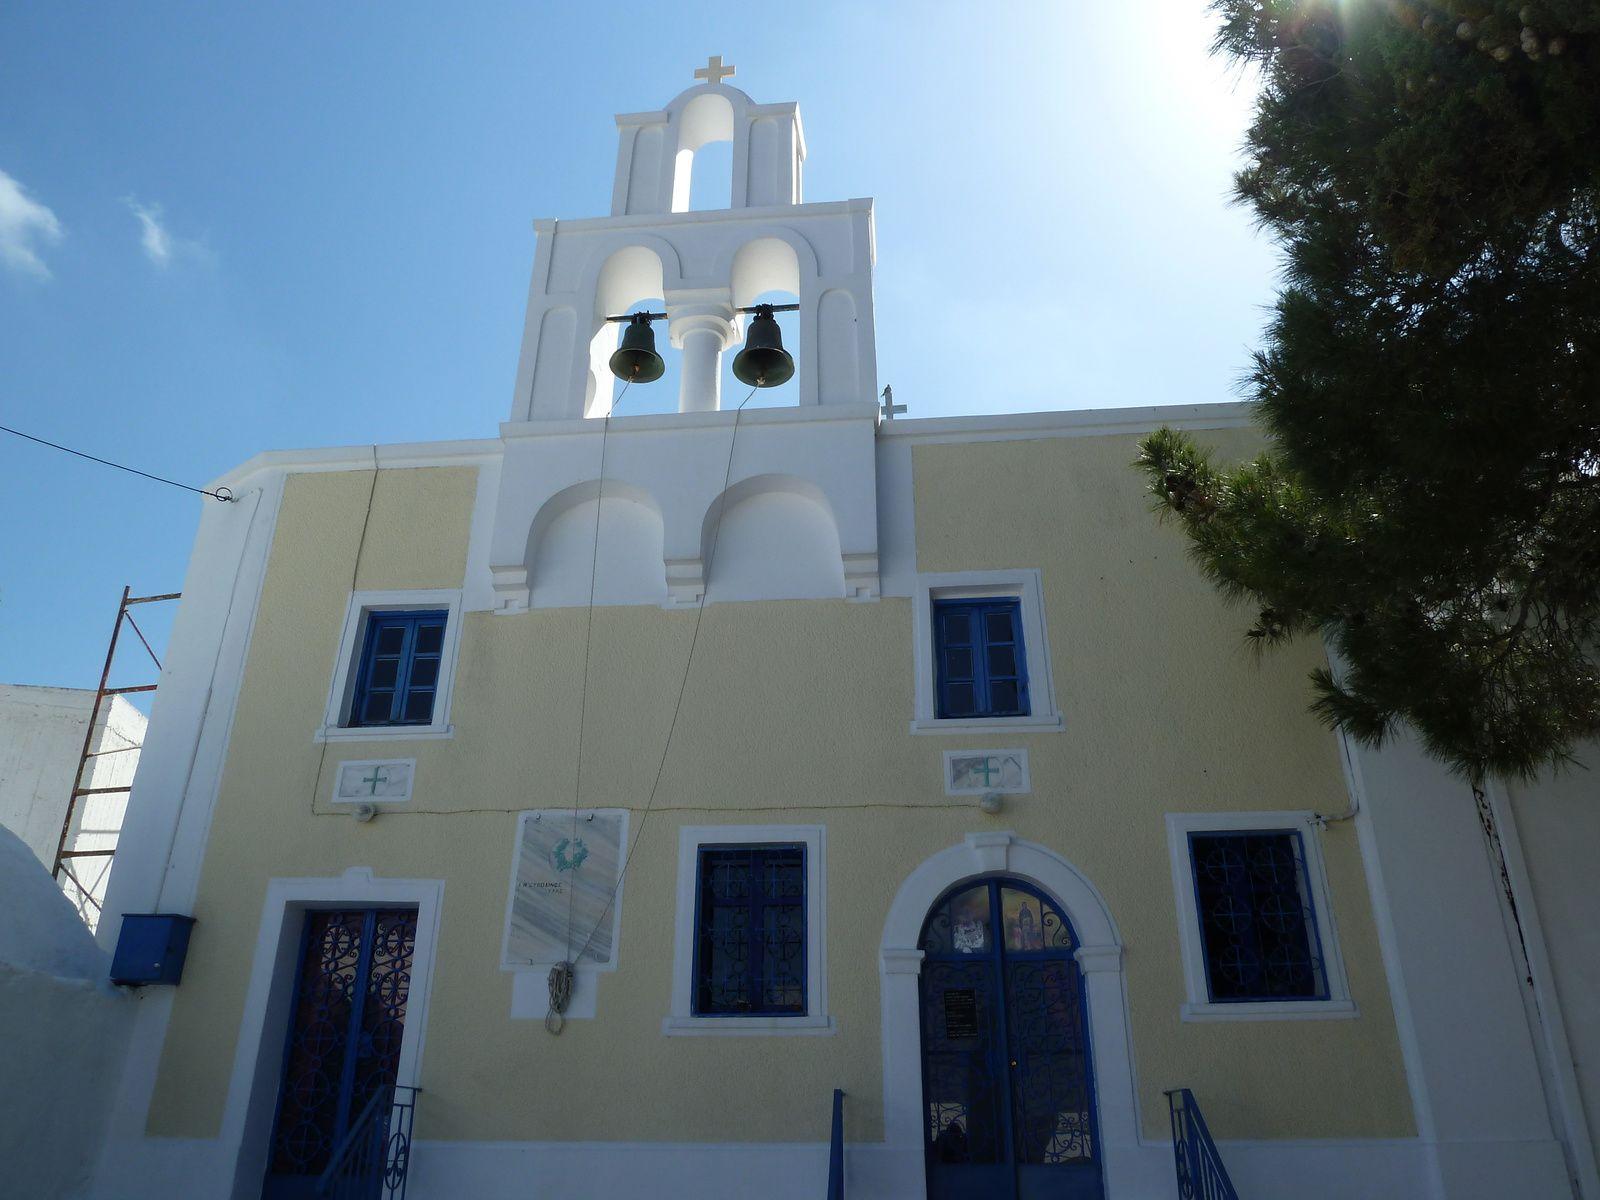 En haut de l'escalier, sur une place se trouve l'église de Lagada, nous avons la chance d'y rentrer. Elle est richement décorée et possède de très belles icônes.